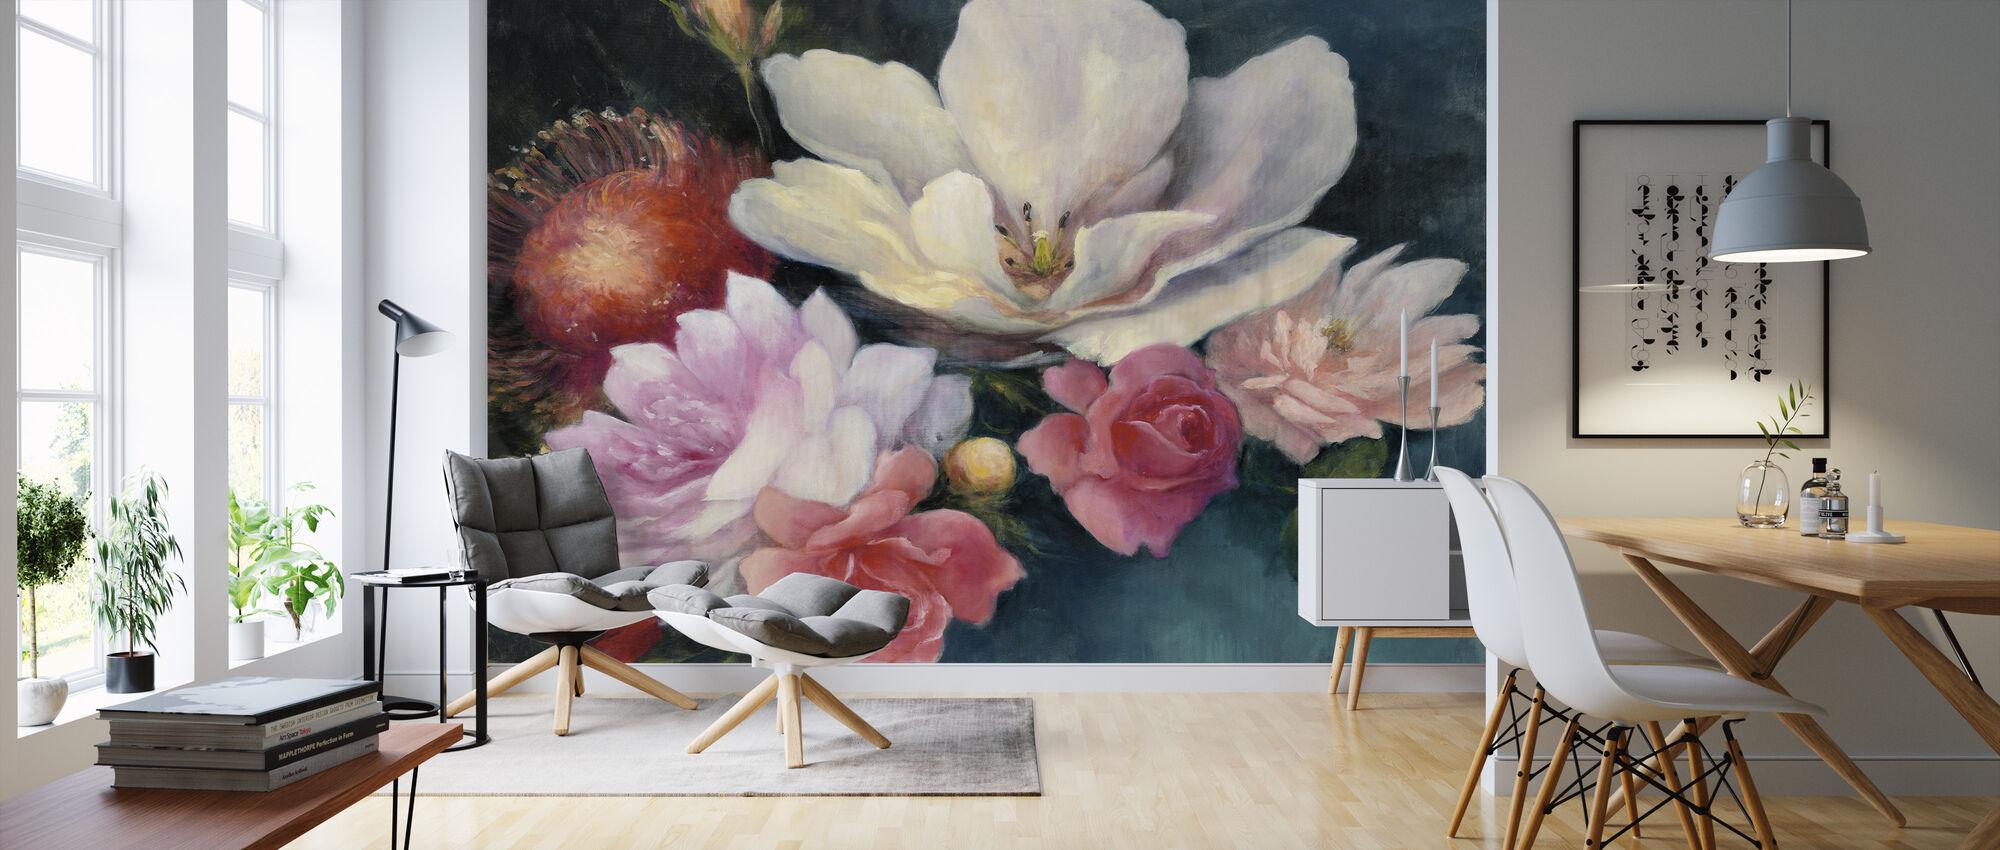 Fantastique flamand - Papier peint - Salle à manger